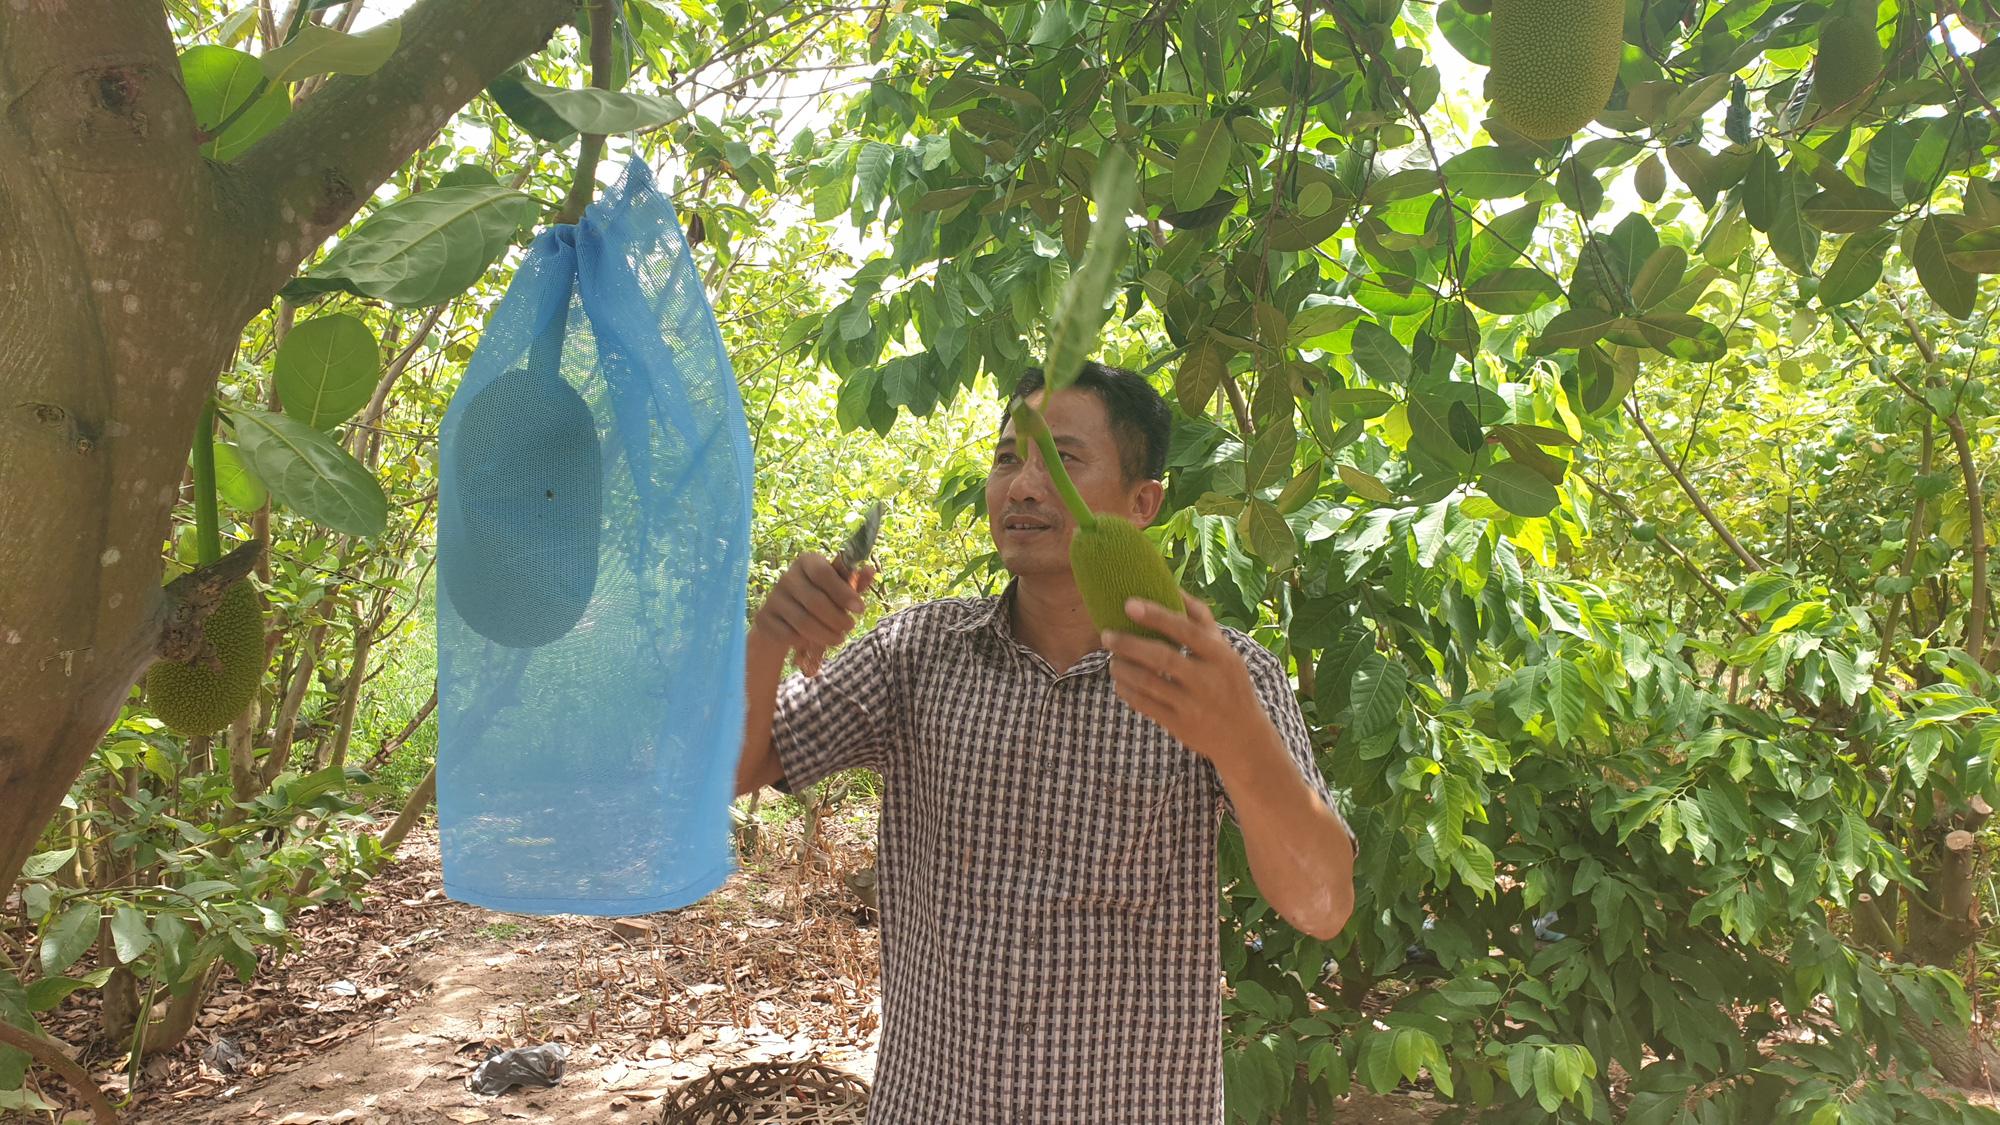 Thái Bình: Bắt mít ra quả quanh năm, lão nông đút túi gần nửa tỷ - Ảnh 6.